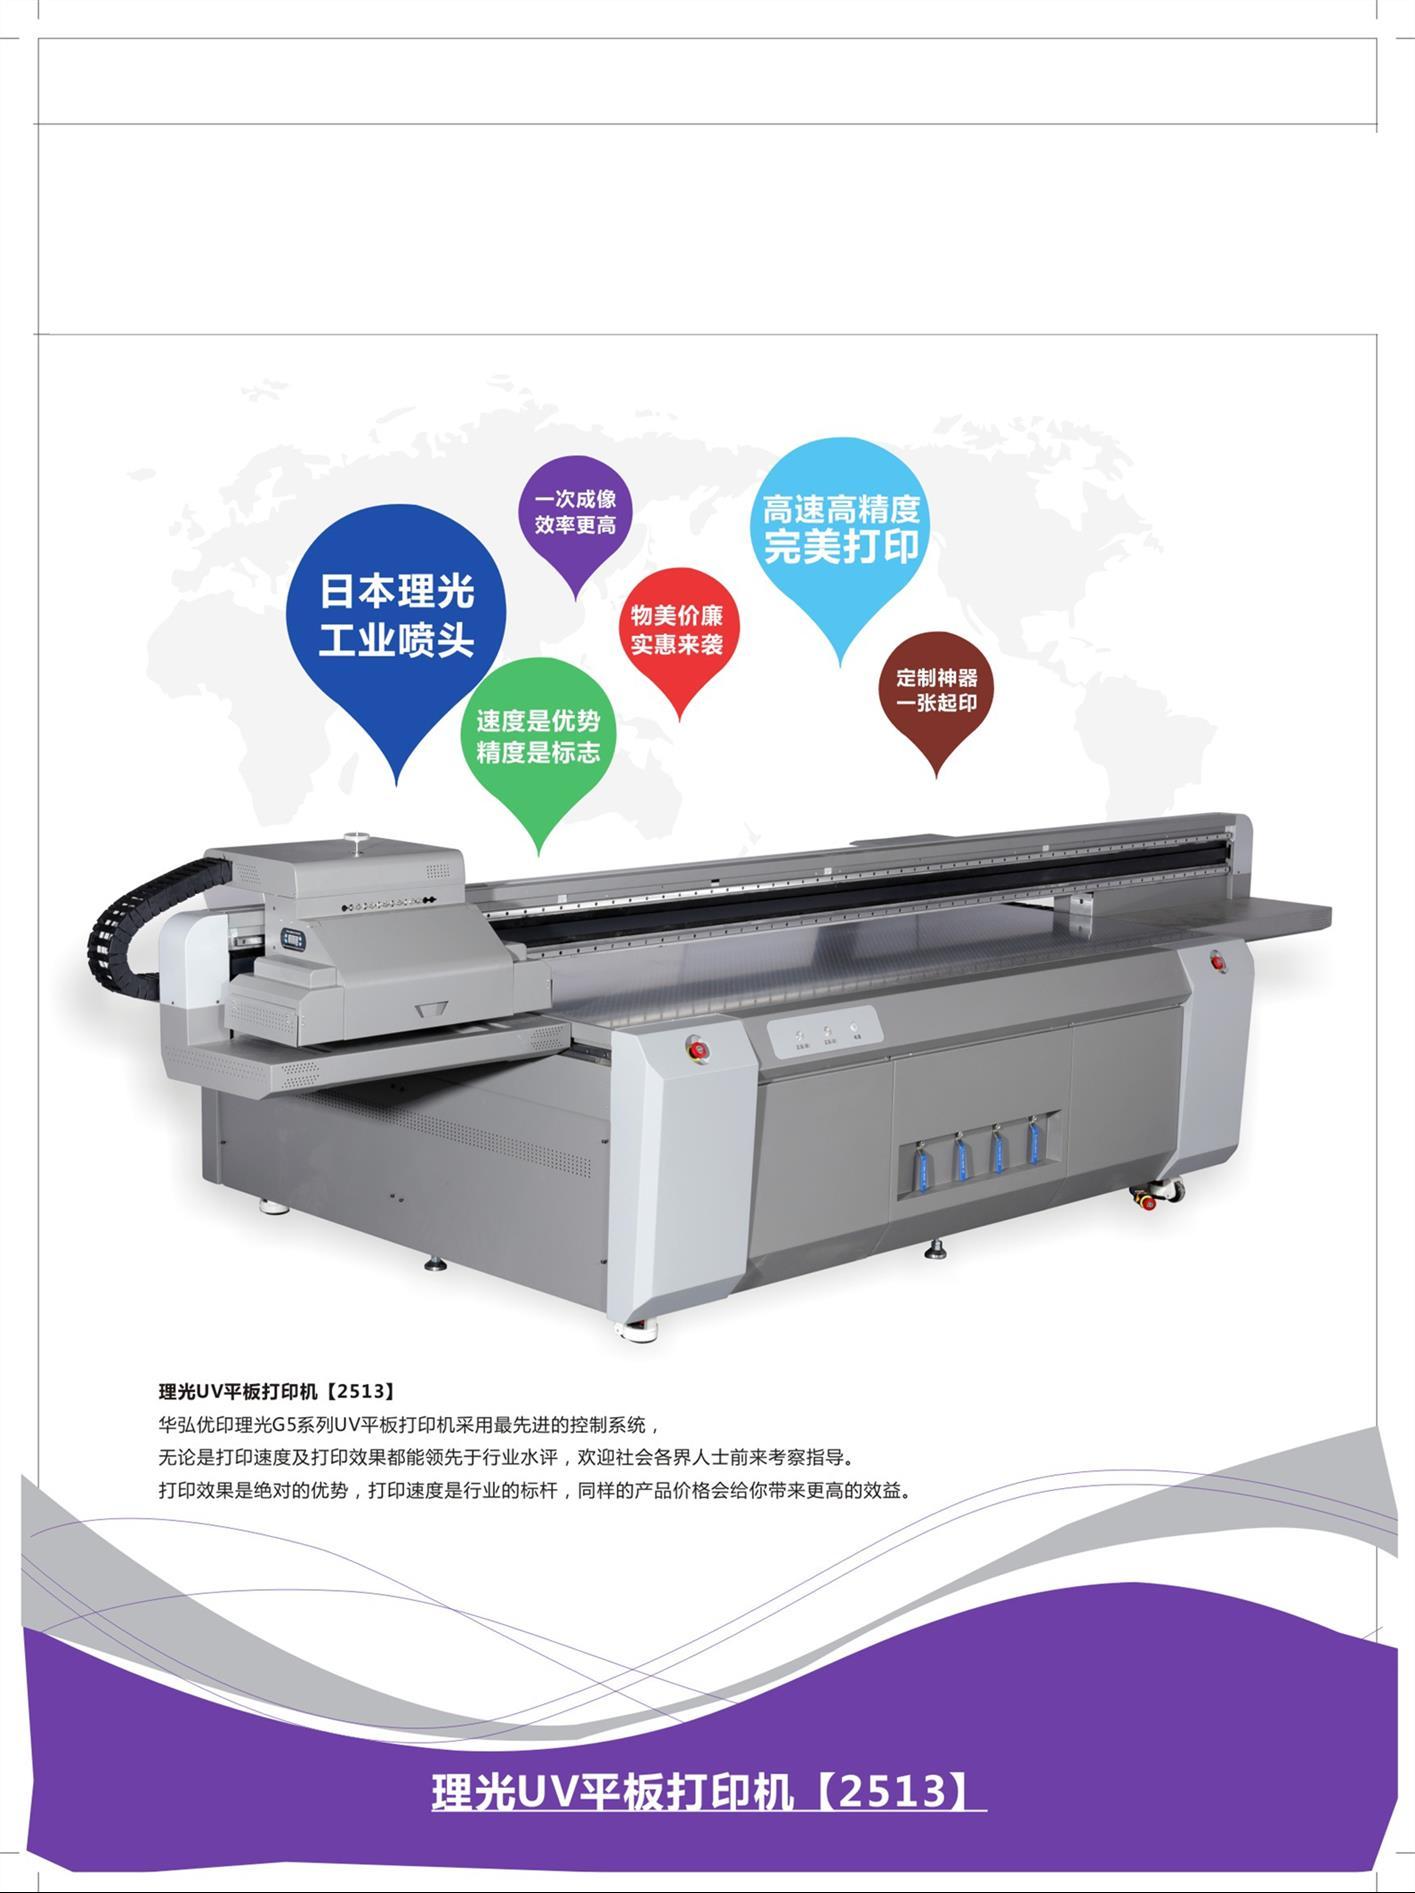 桐乡市UV万能智能打印机